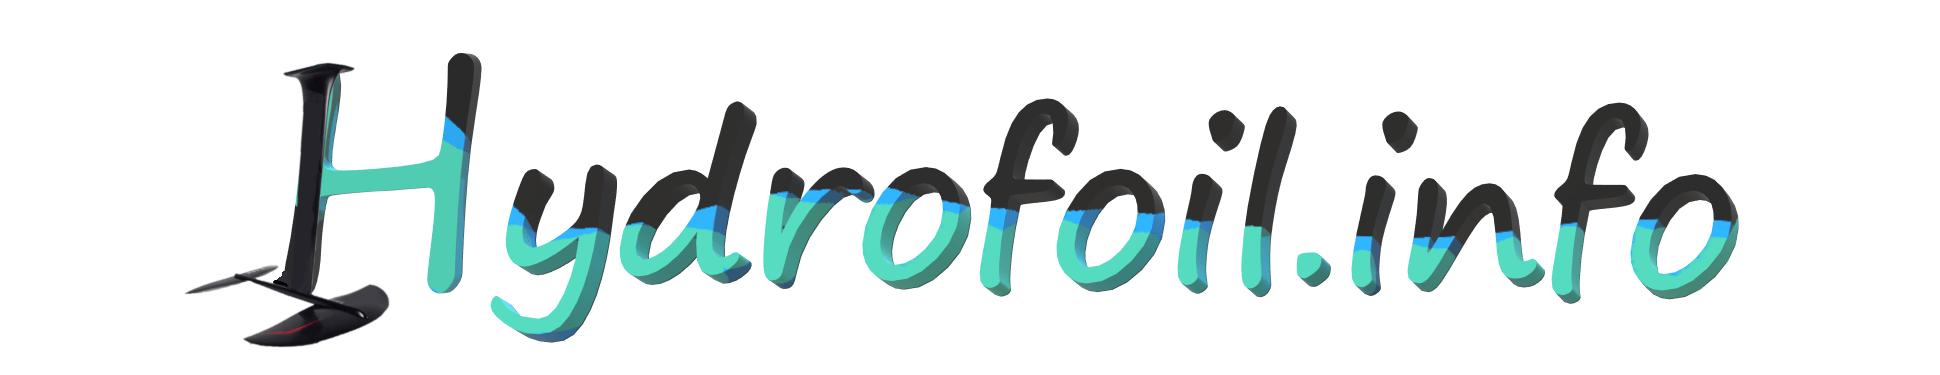 El blog del hydrofoil